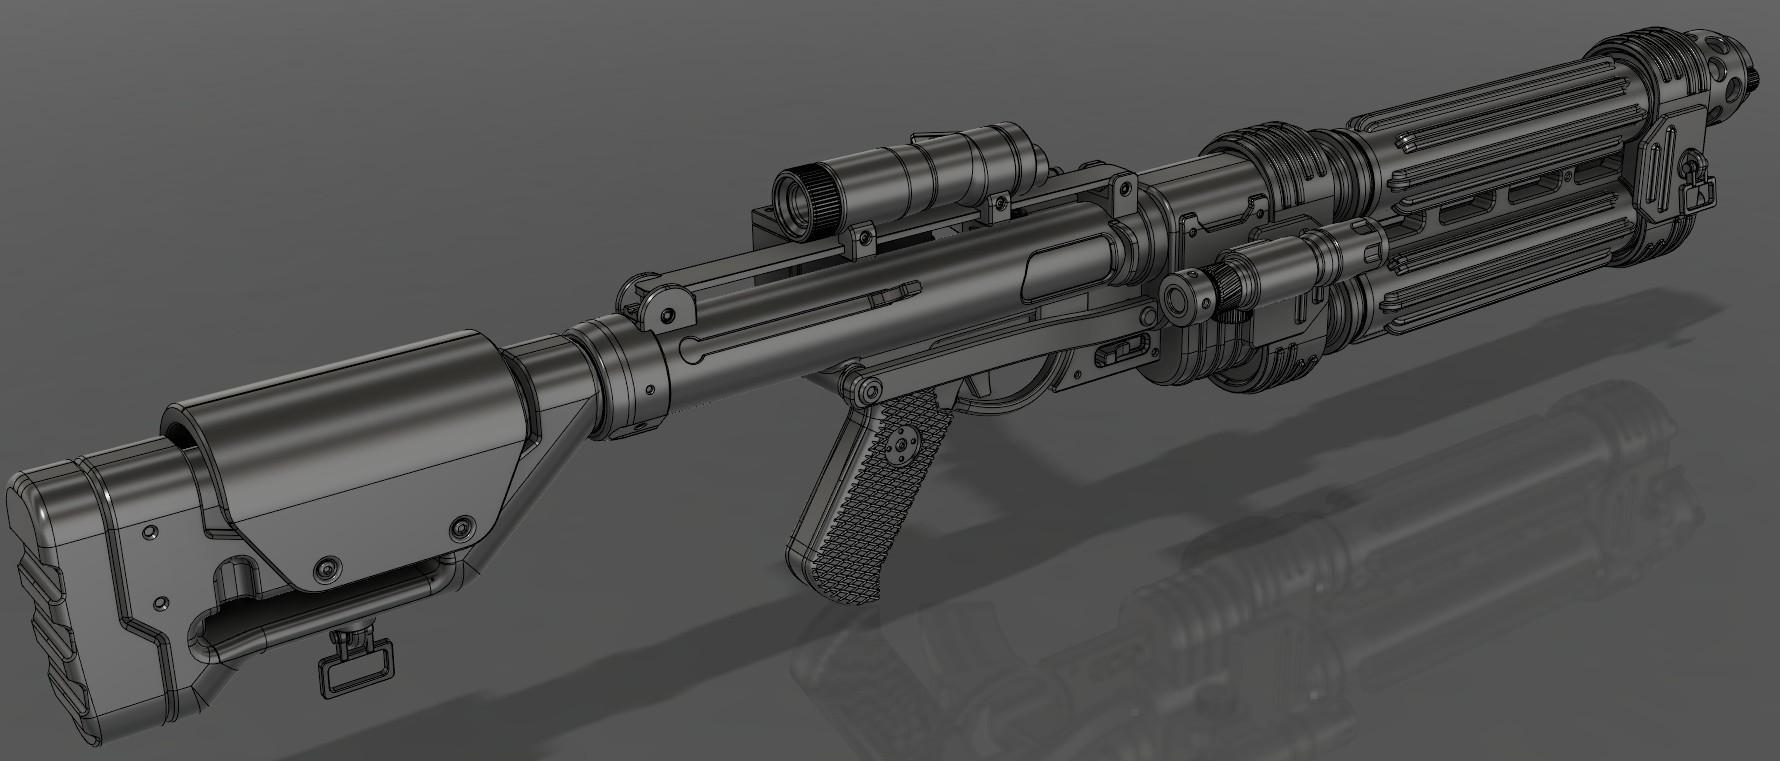 1.jpg Download STL file E-22 Blaster Rifle  • 3D print design, 3dpicasso